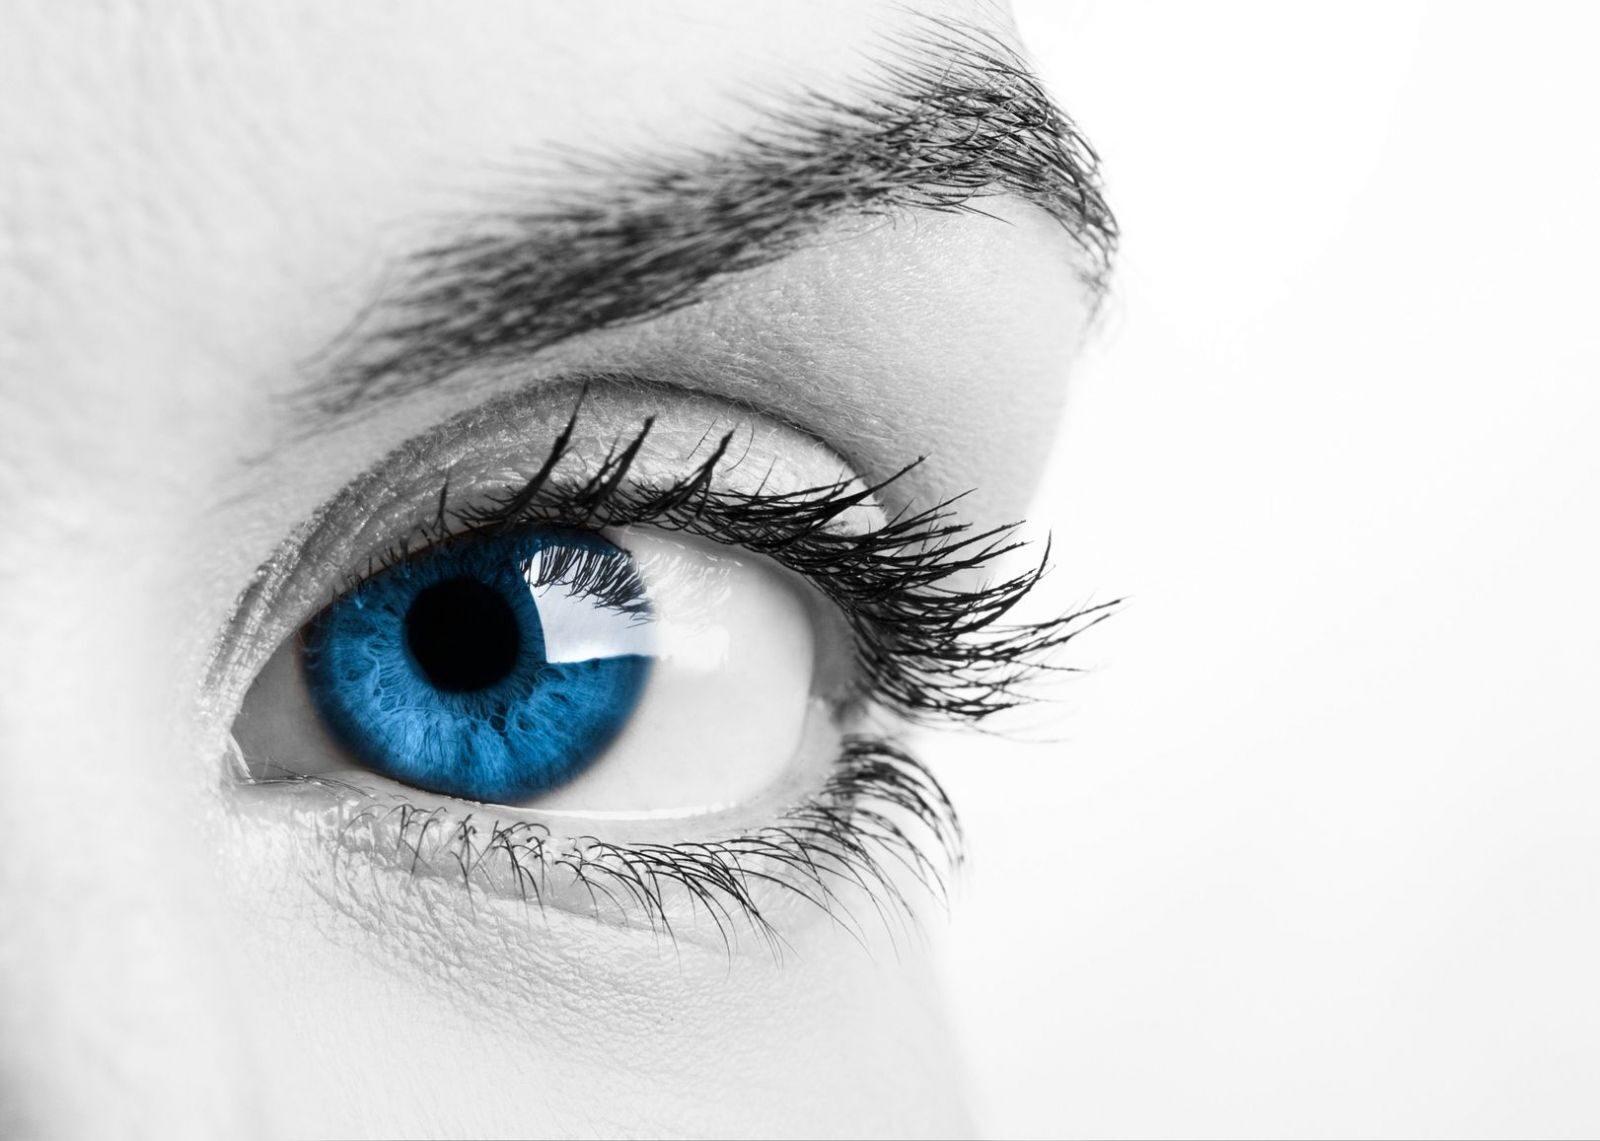 vak szem látásélessége sürgős szemészeti segítség baba számára